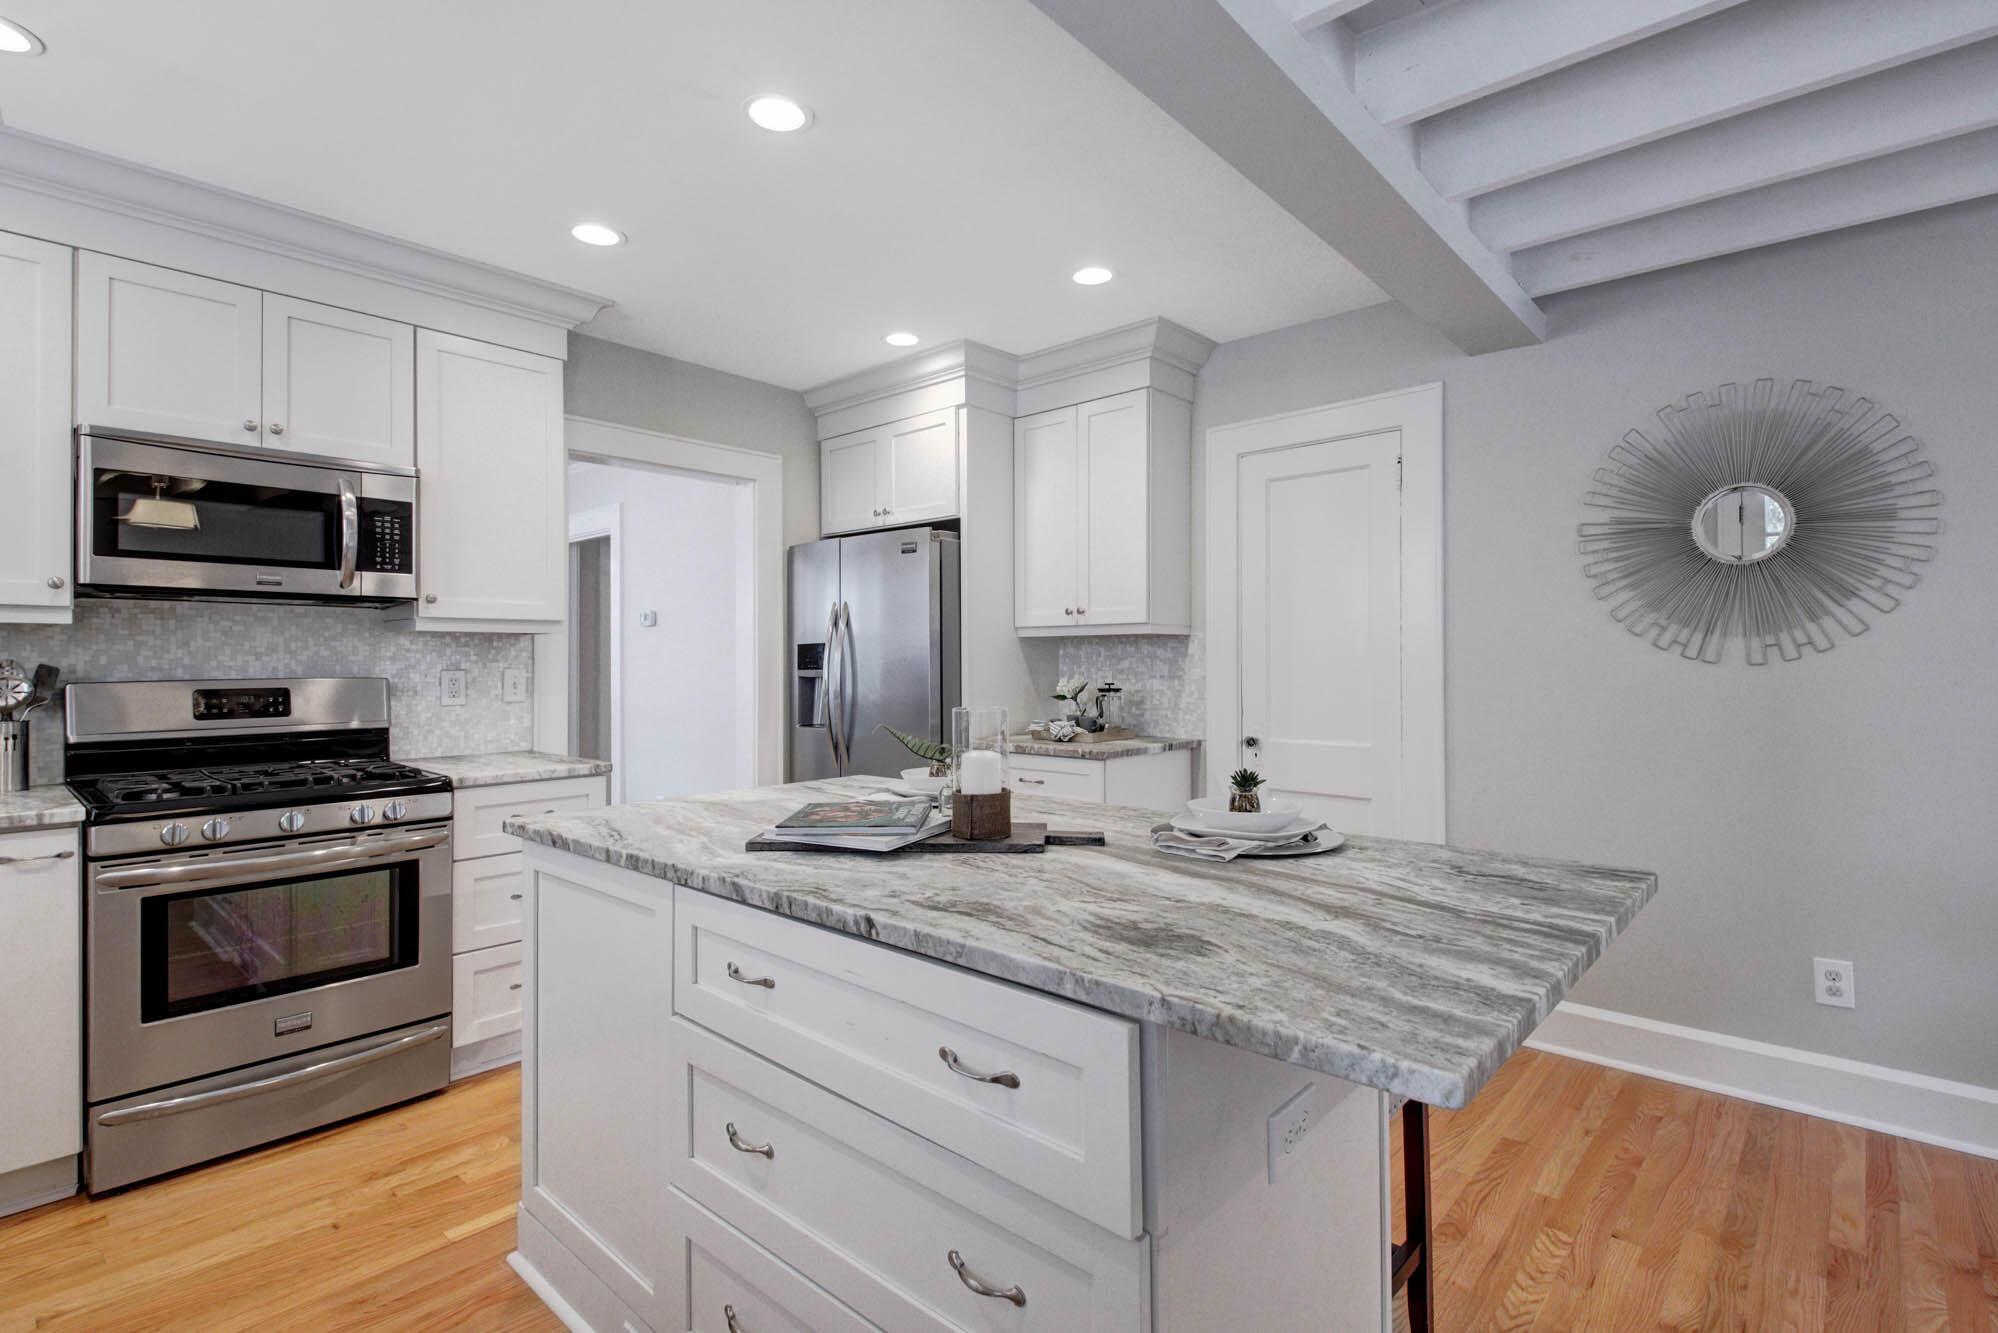 Avondale Homes For Sale - 57 Avondale, Charleston, SC - 19